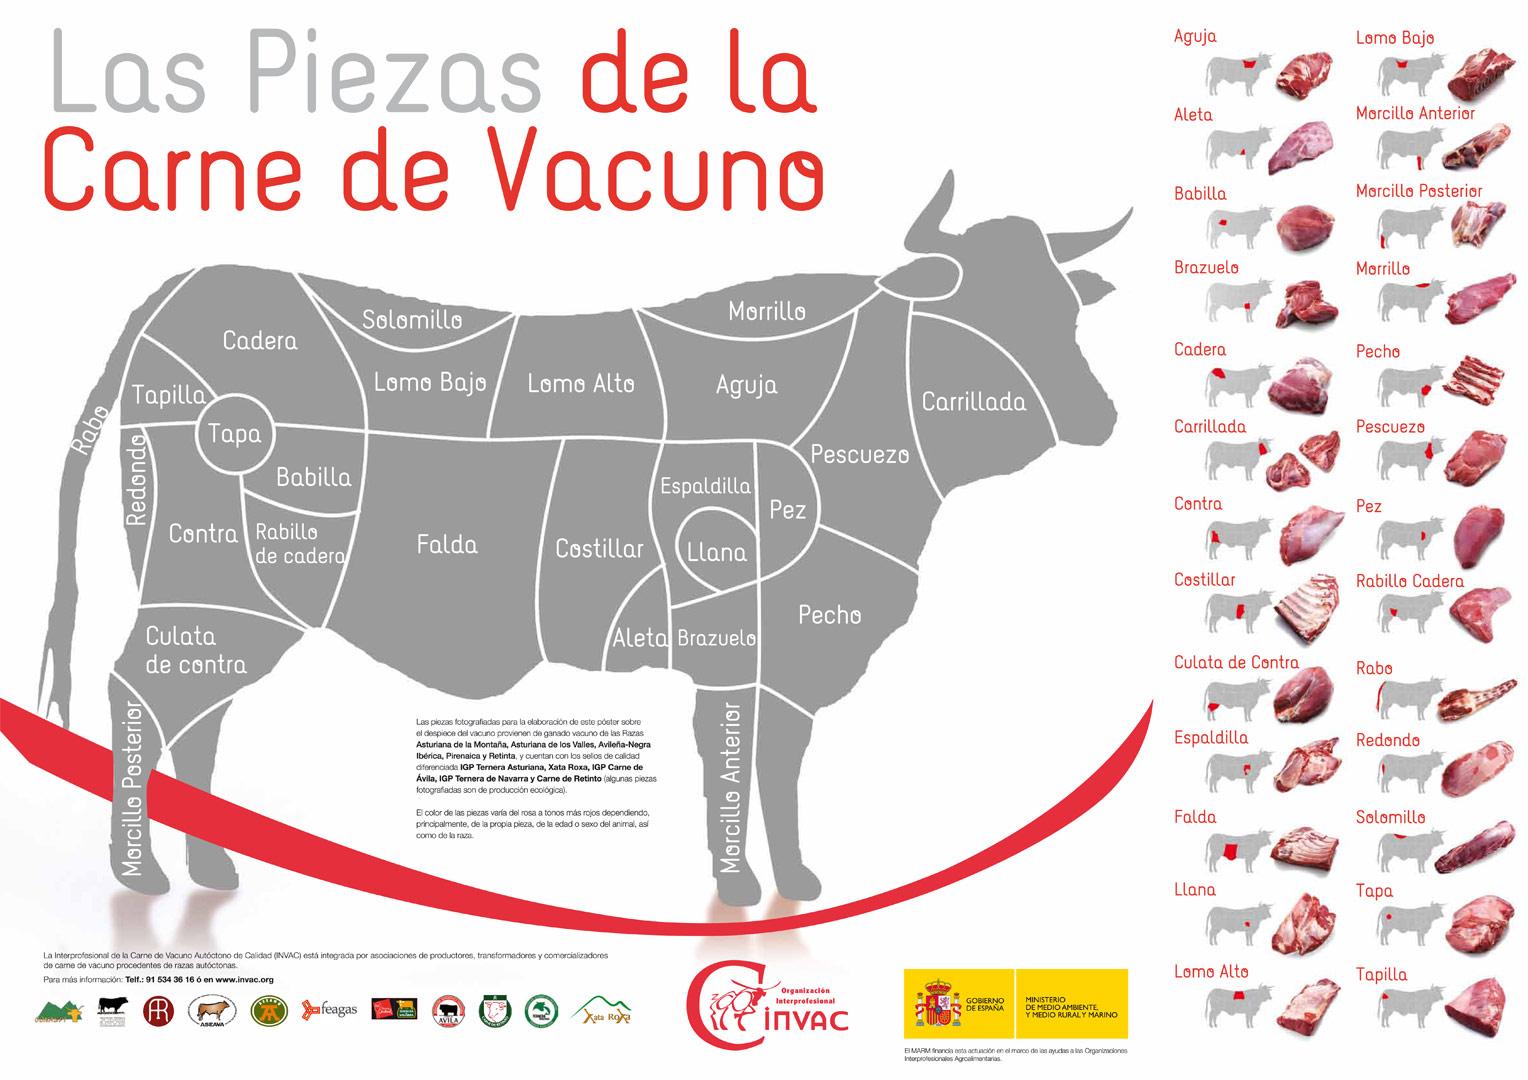 Las piezas de la Carne de Vacuno